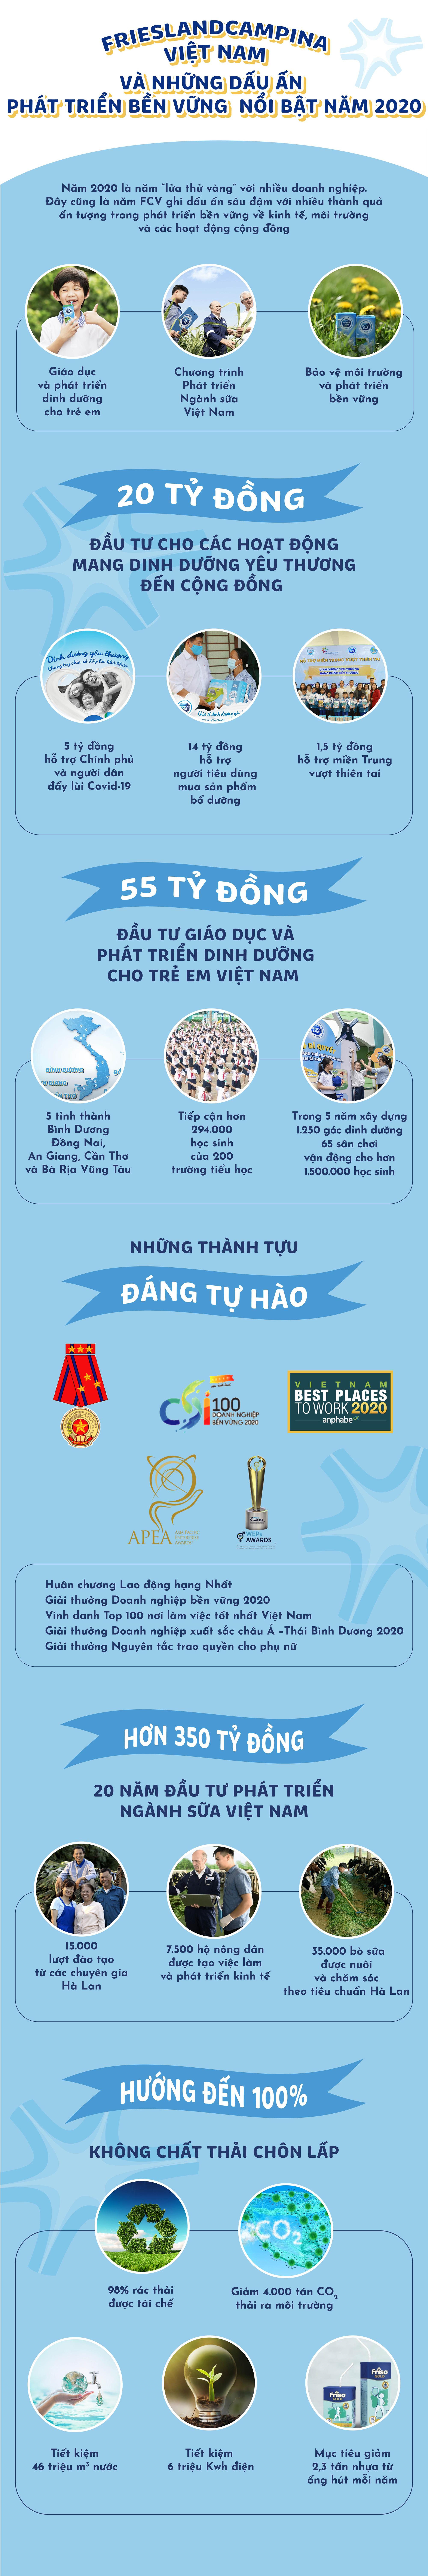 FrieslandCampina Việt Nam và những dấu ấn phát triển bền vững nổi bật năm 2020 - Ảnh 1.